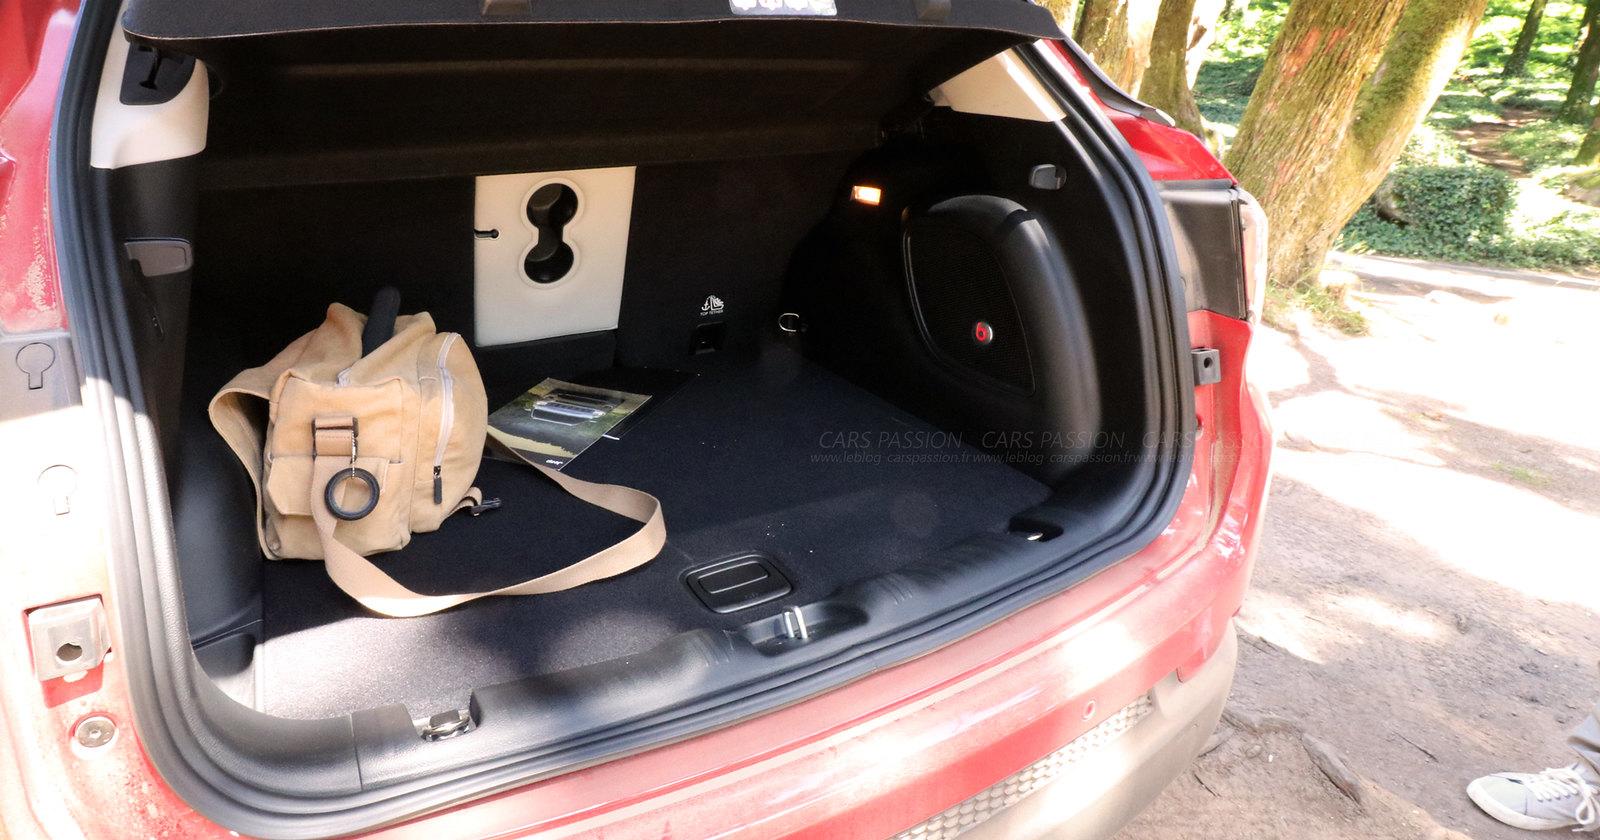 essai jeep compass un parfum d 39 am rique cars passion. Black Bedroom Furniture Sets. Home Design Ideas